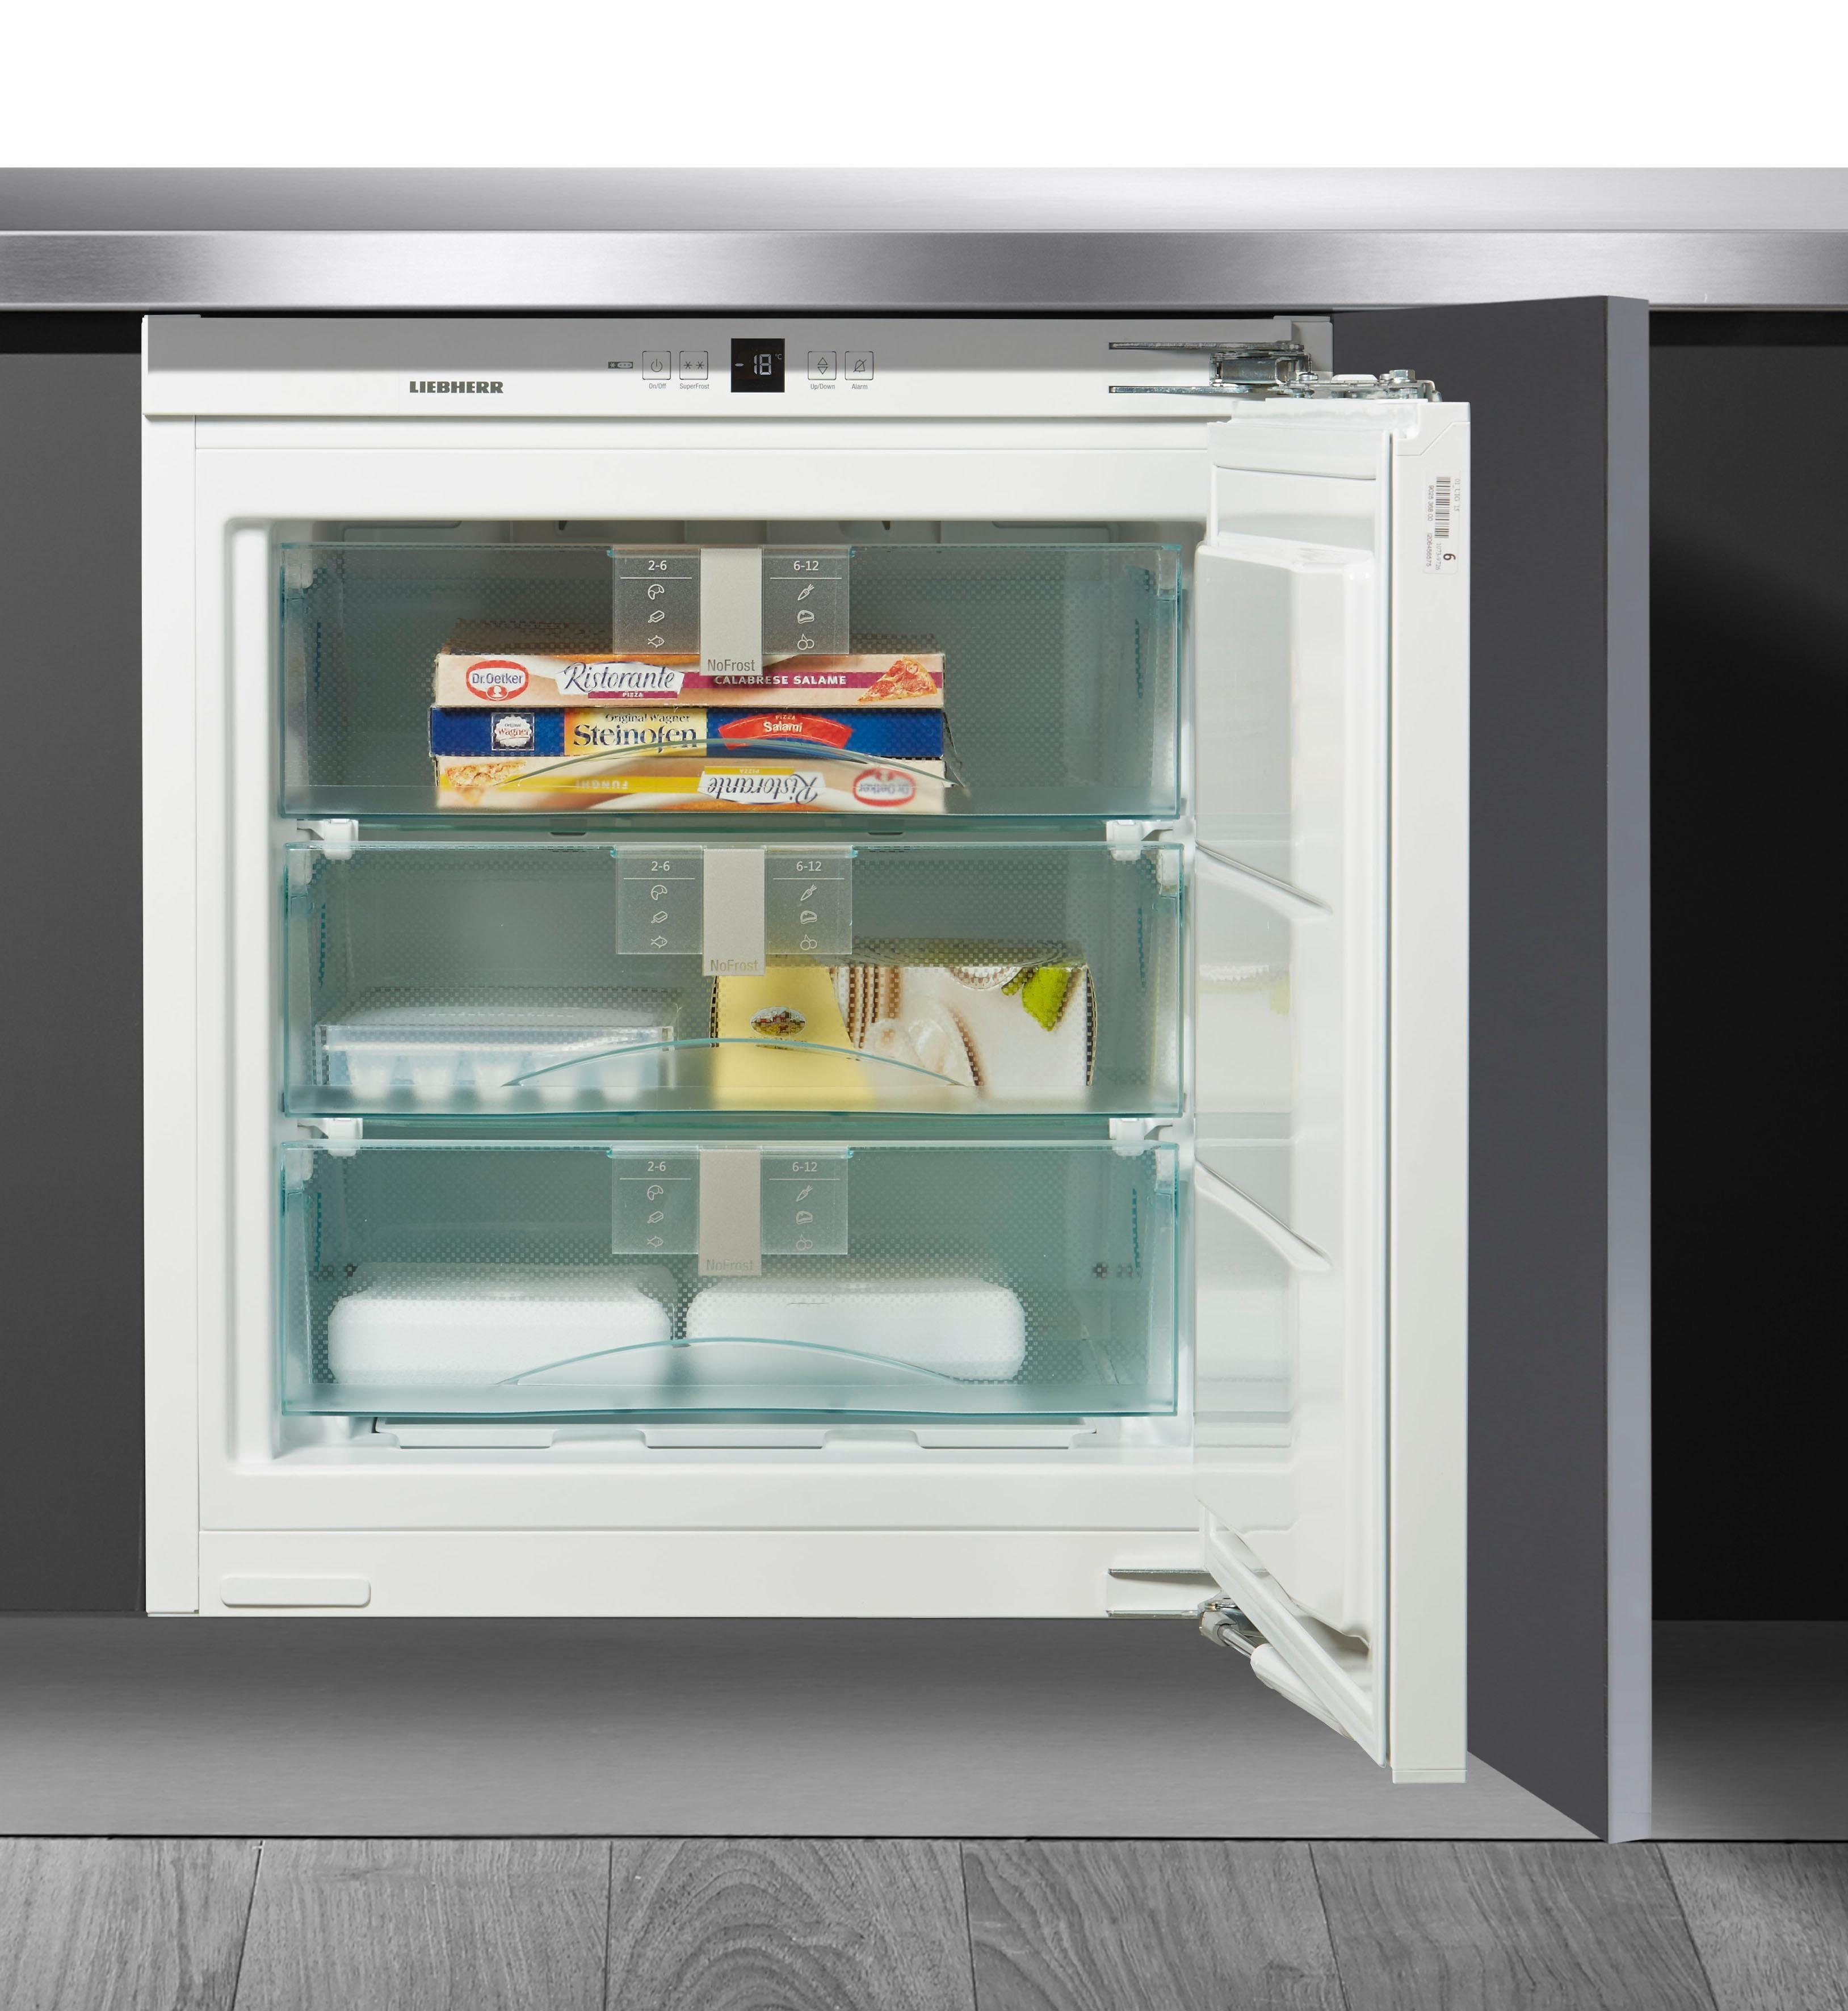 Liebherr Einbaugefrierschrank Premium SUIGN 1554-20, 82 cm hoch, 59,7 cm breit